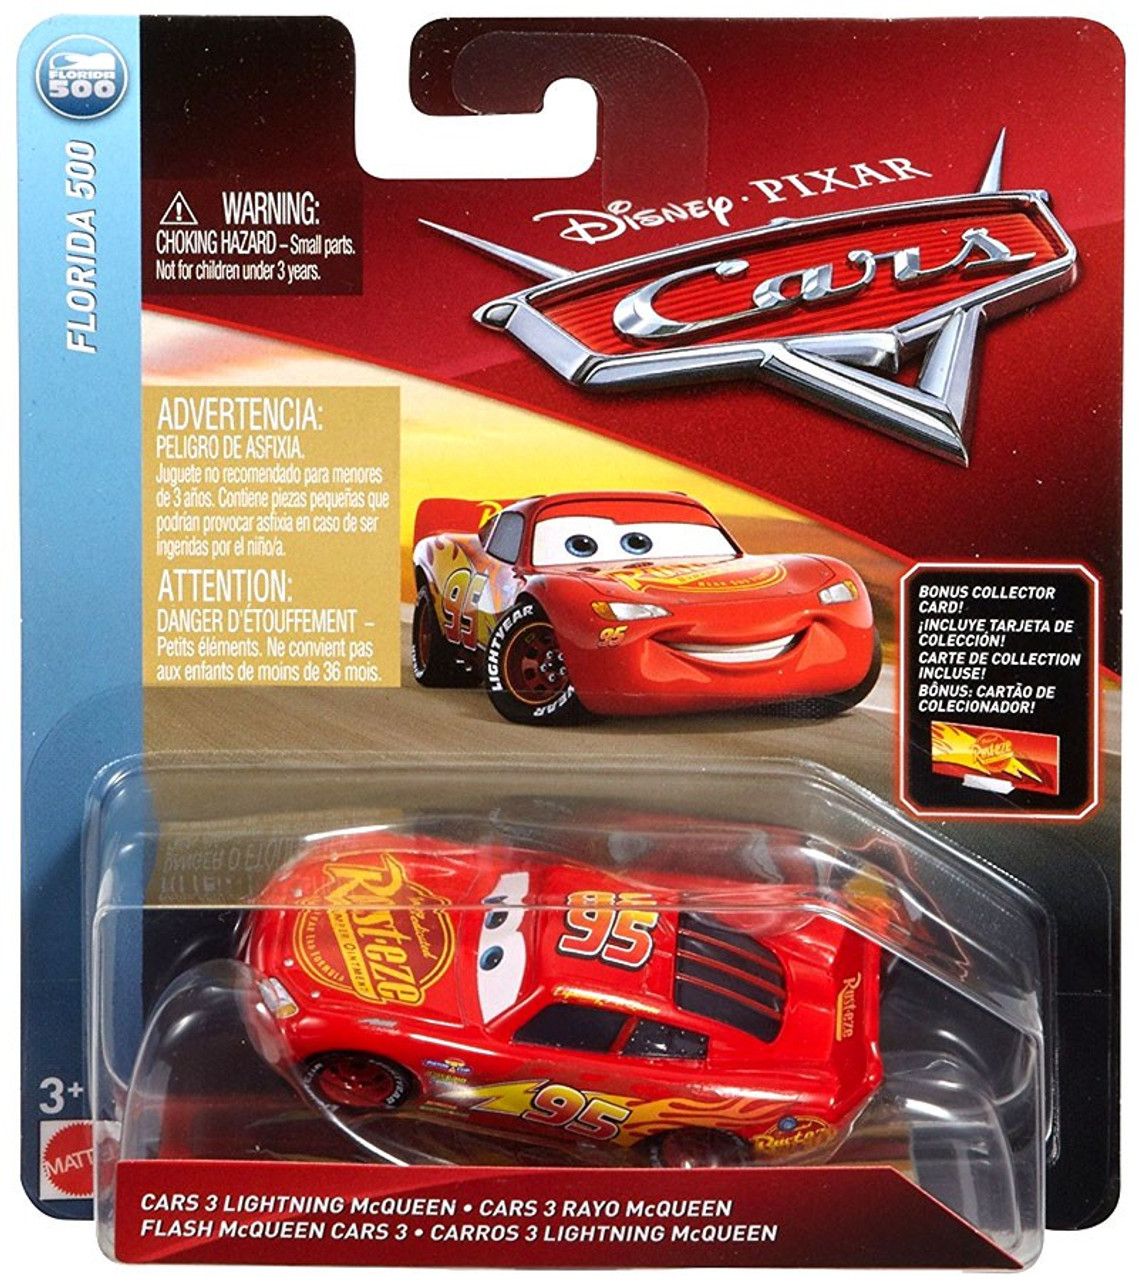 Disney Pixar Cars Cars 3 Florida 500 Cars 3 Lightning